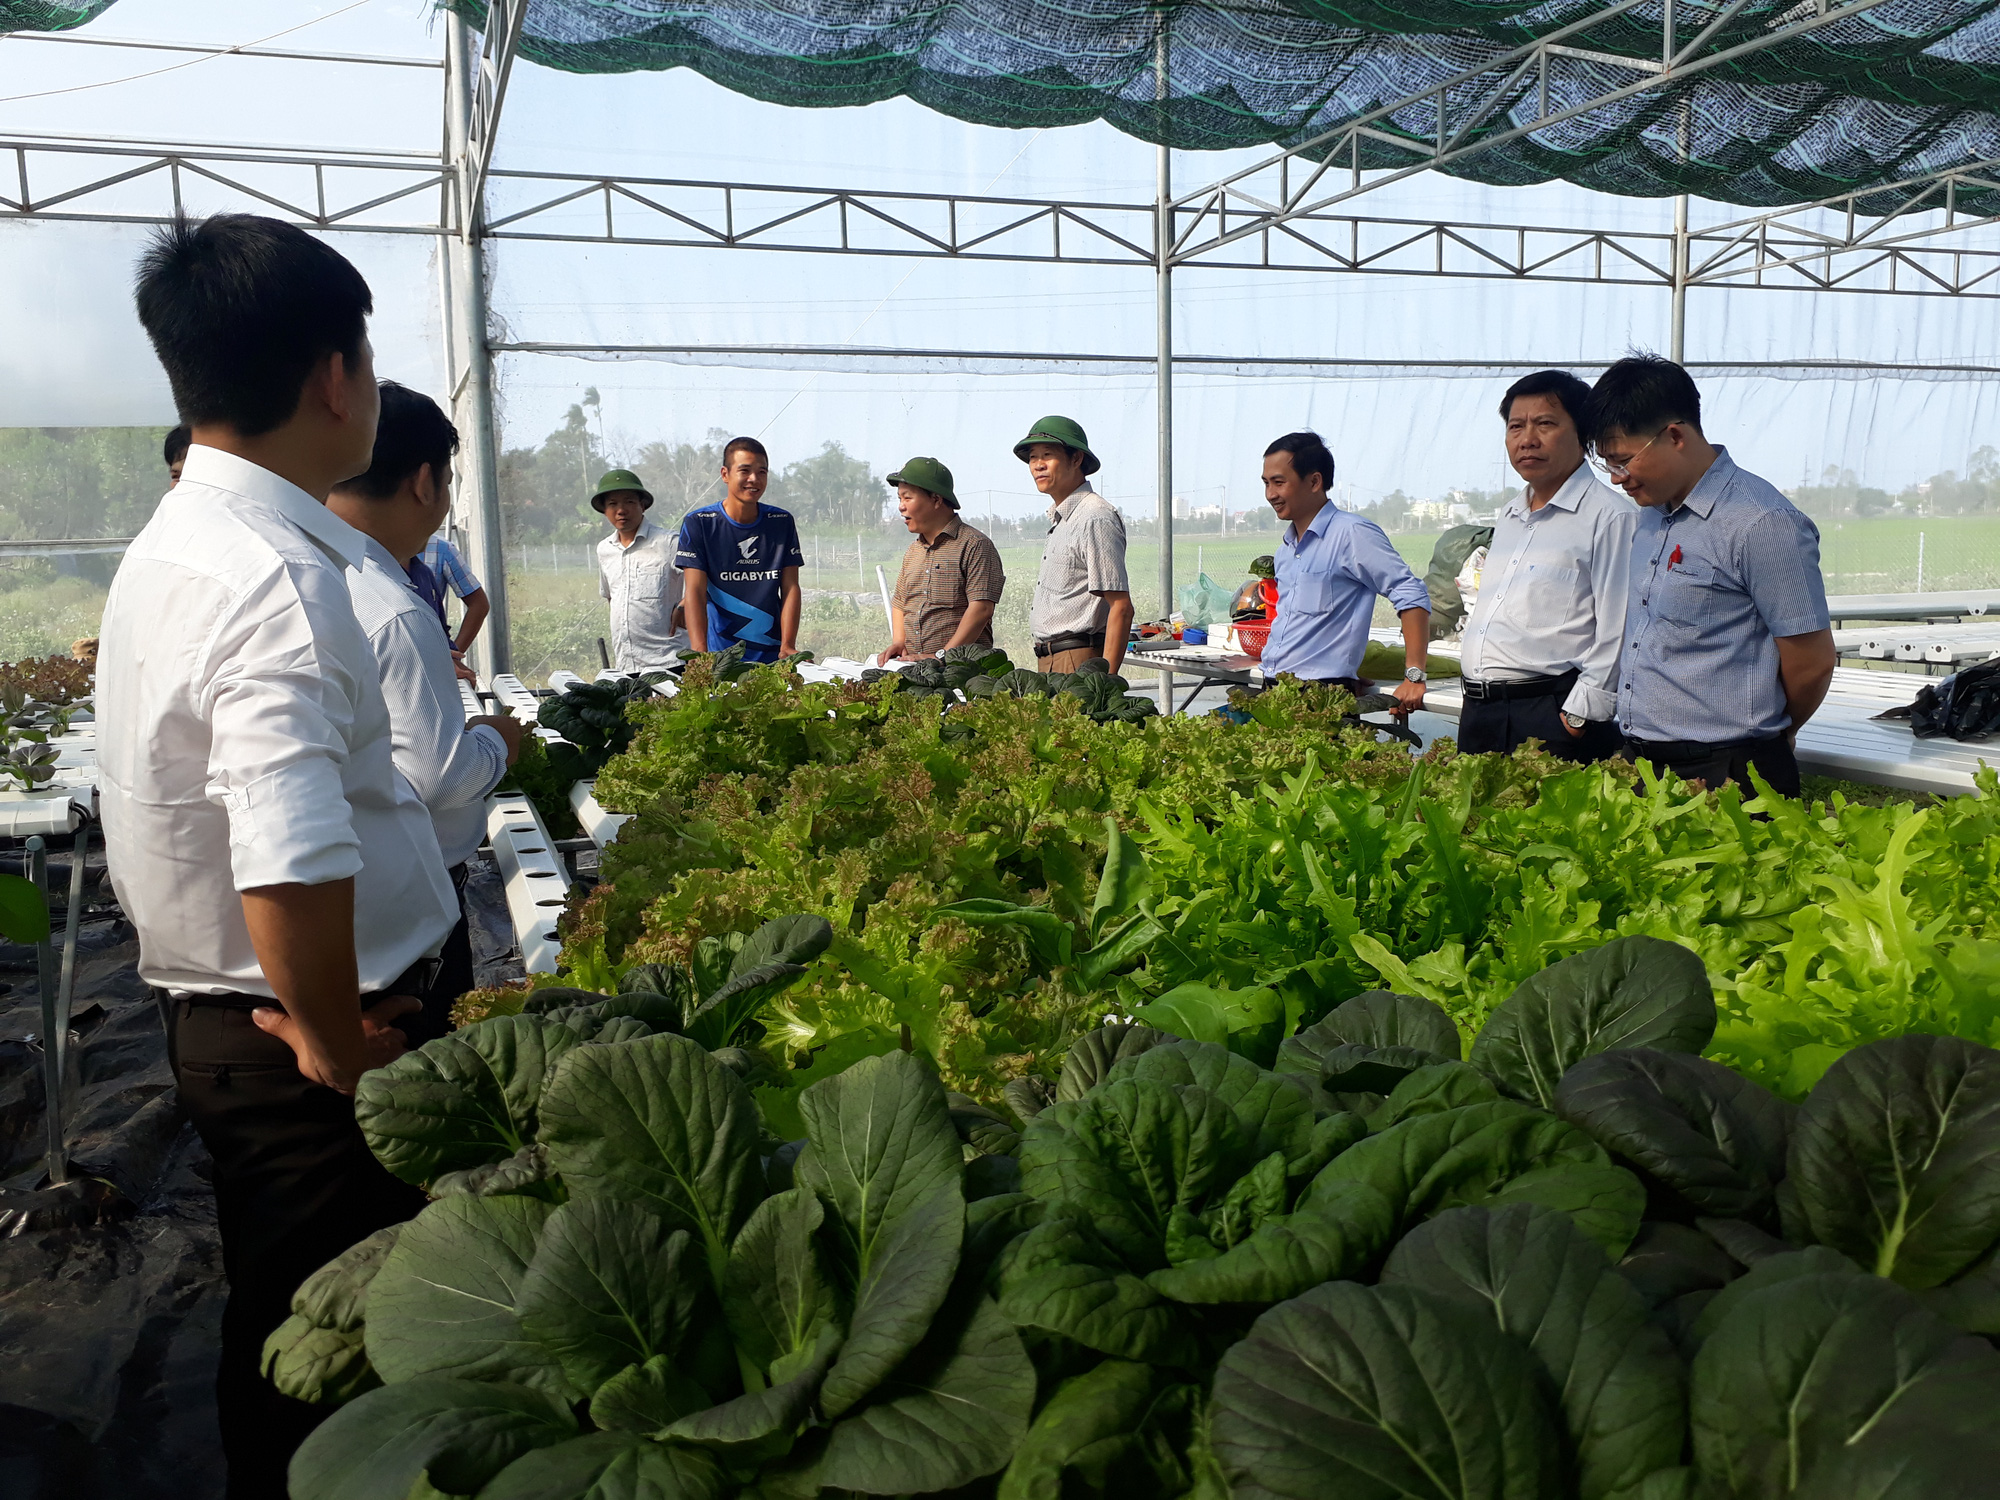 GĐ Sở NNPTNT tỉnh Quảng Nam - Đưa công nghệ cao vào giúp nông dân     - Ảnh 2.